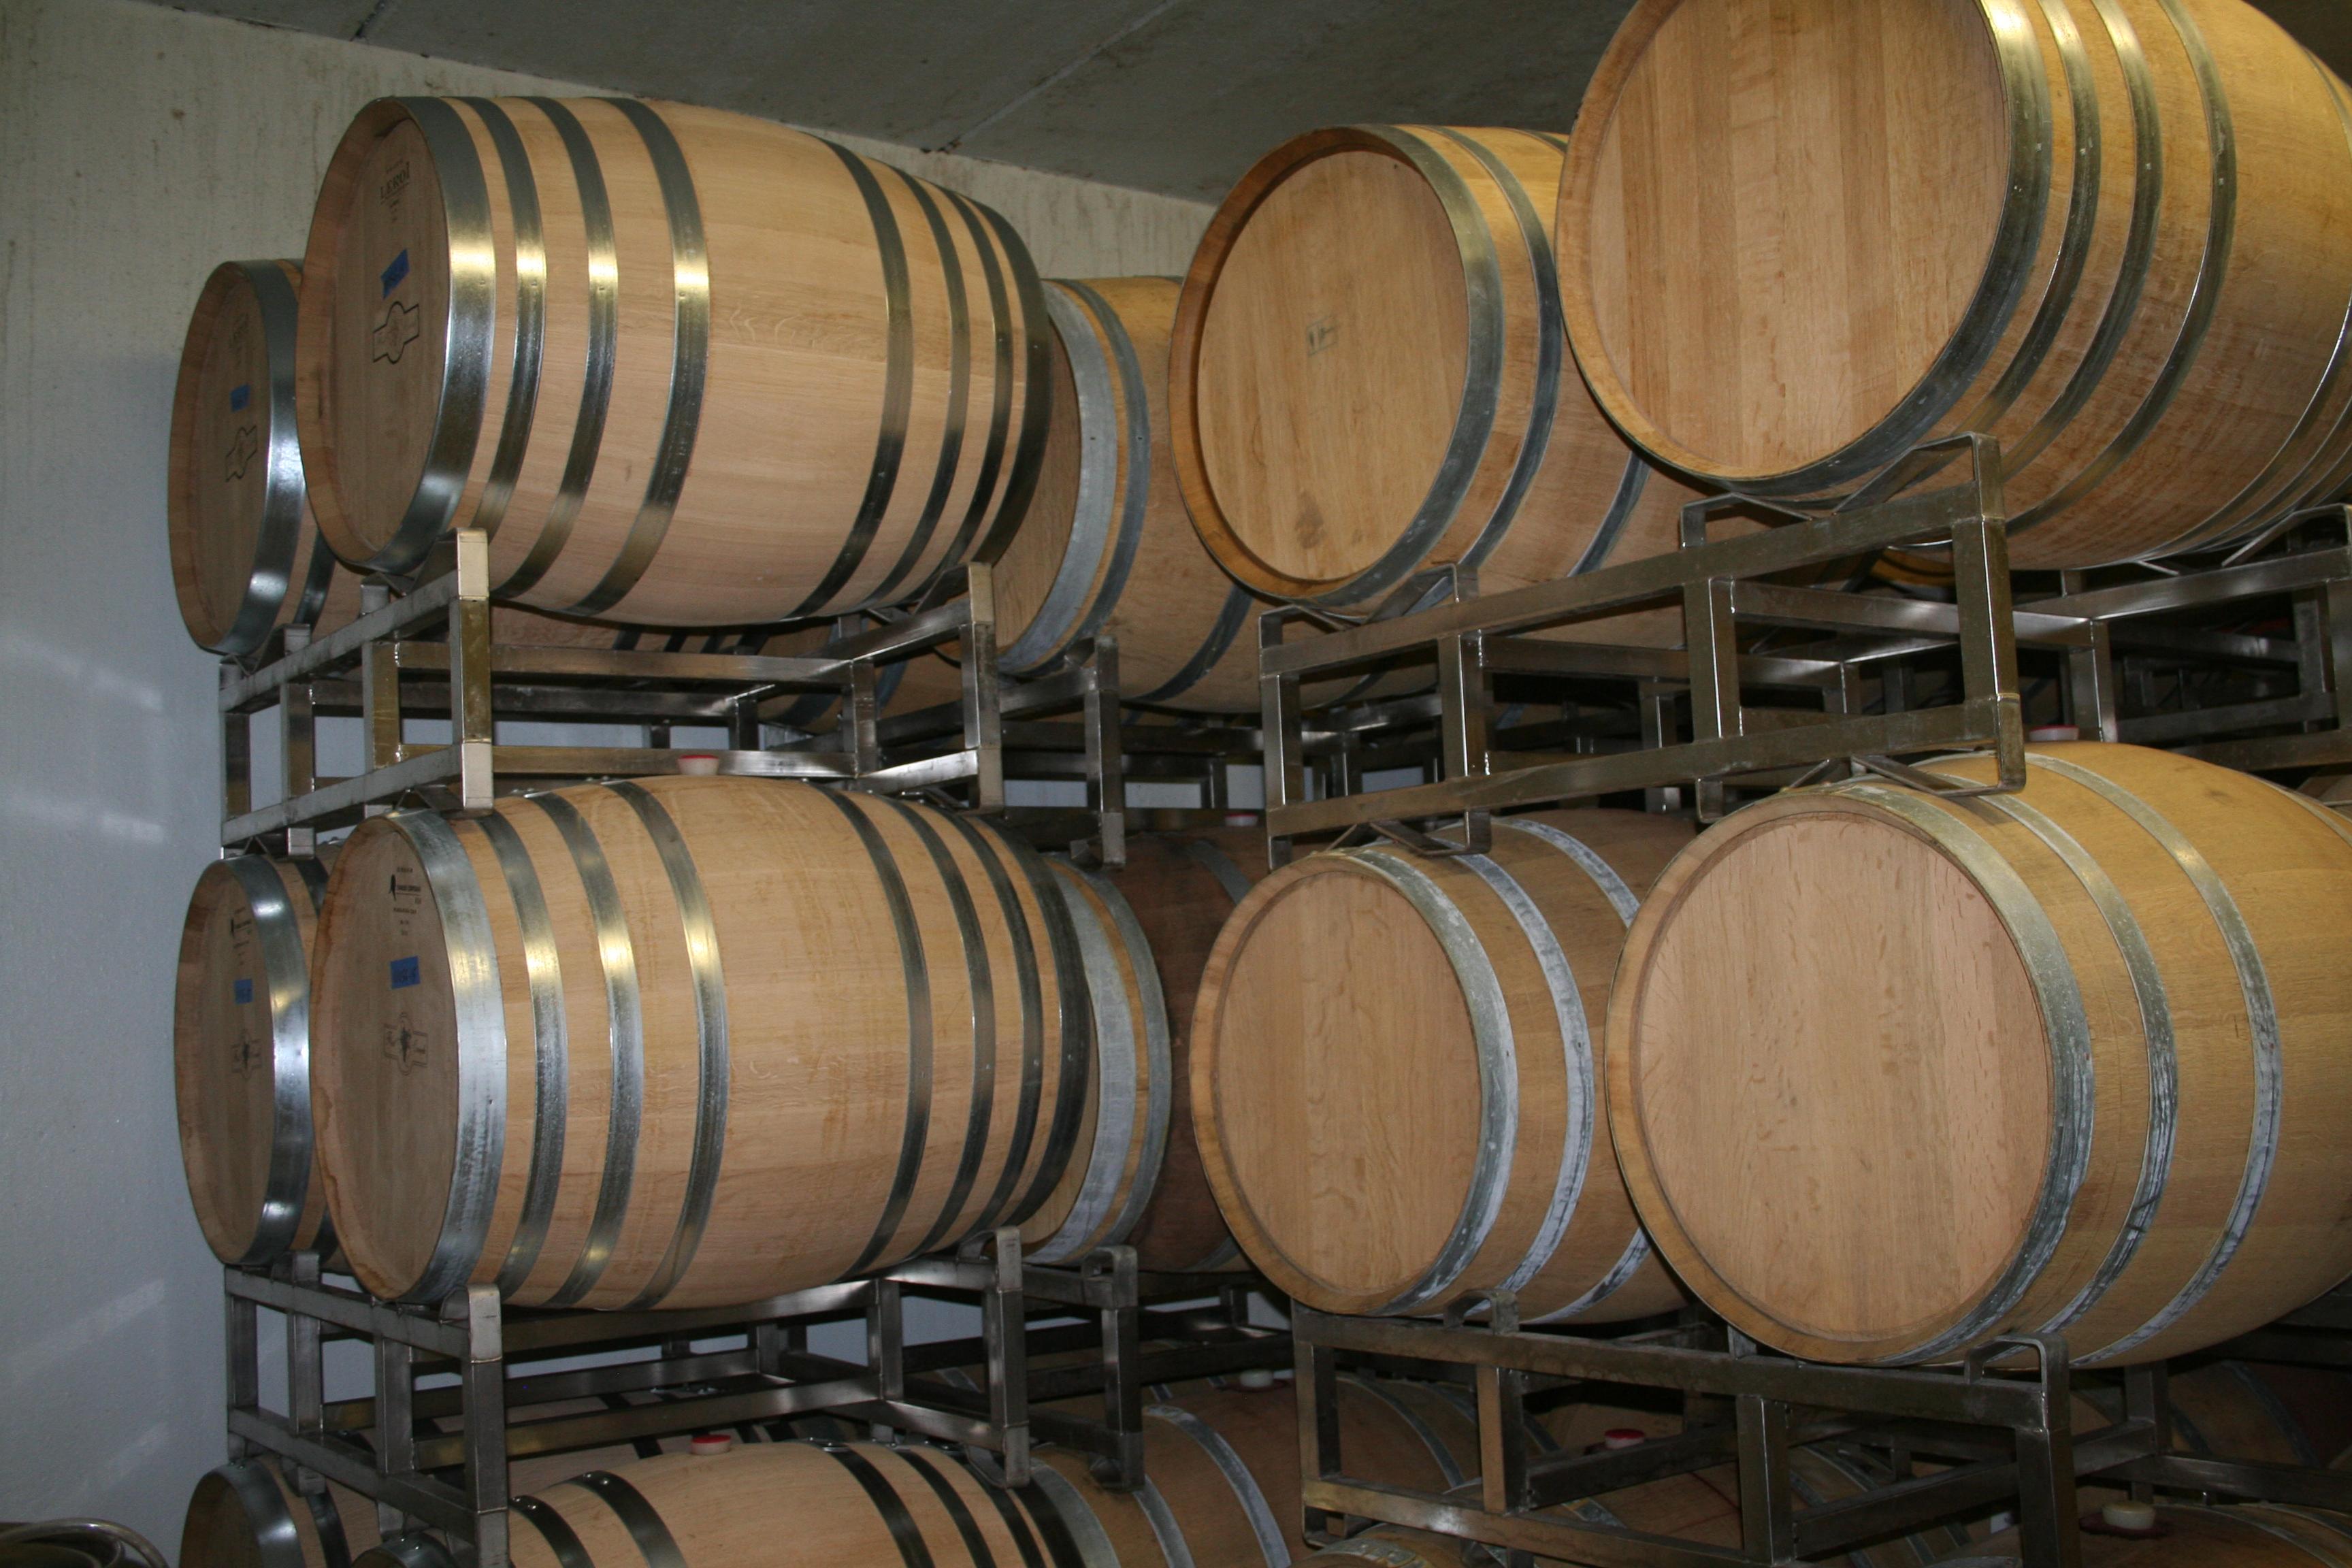 The barrel room at Flat Creek Estate